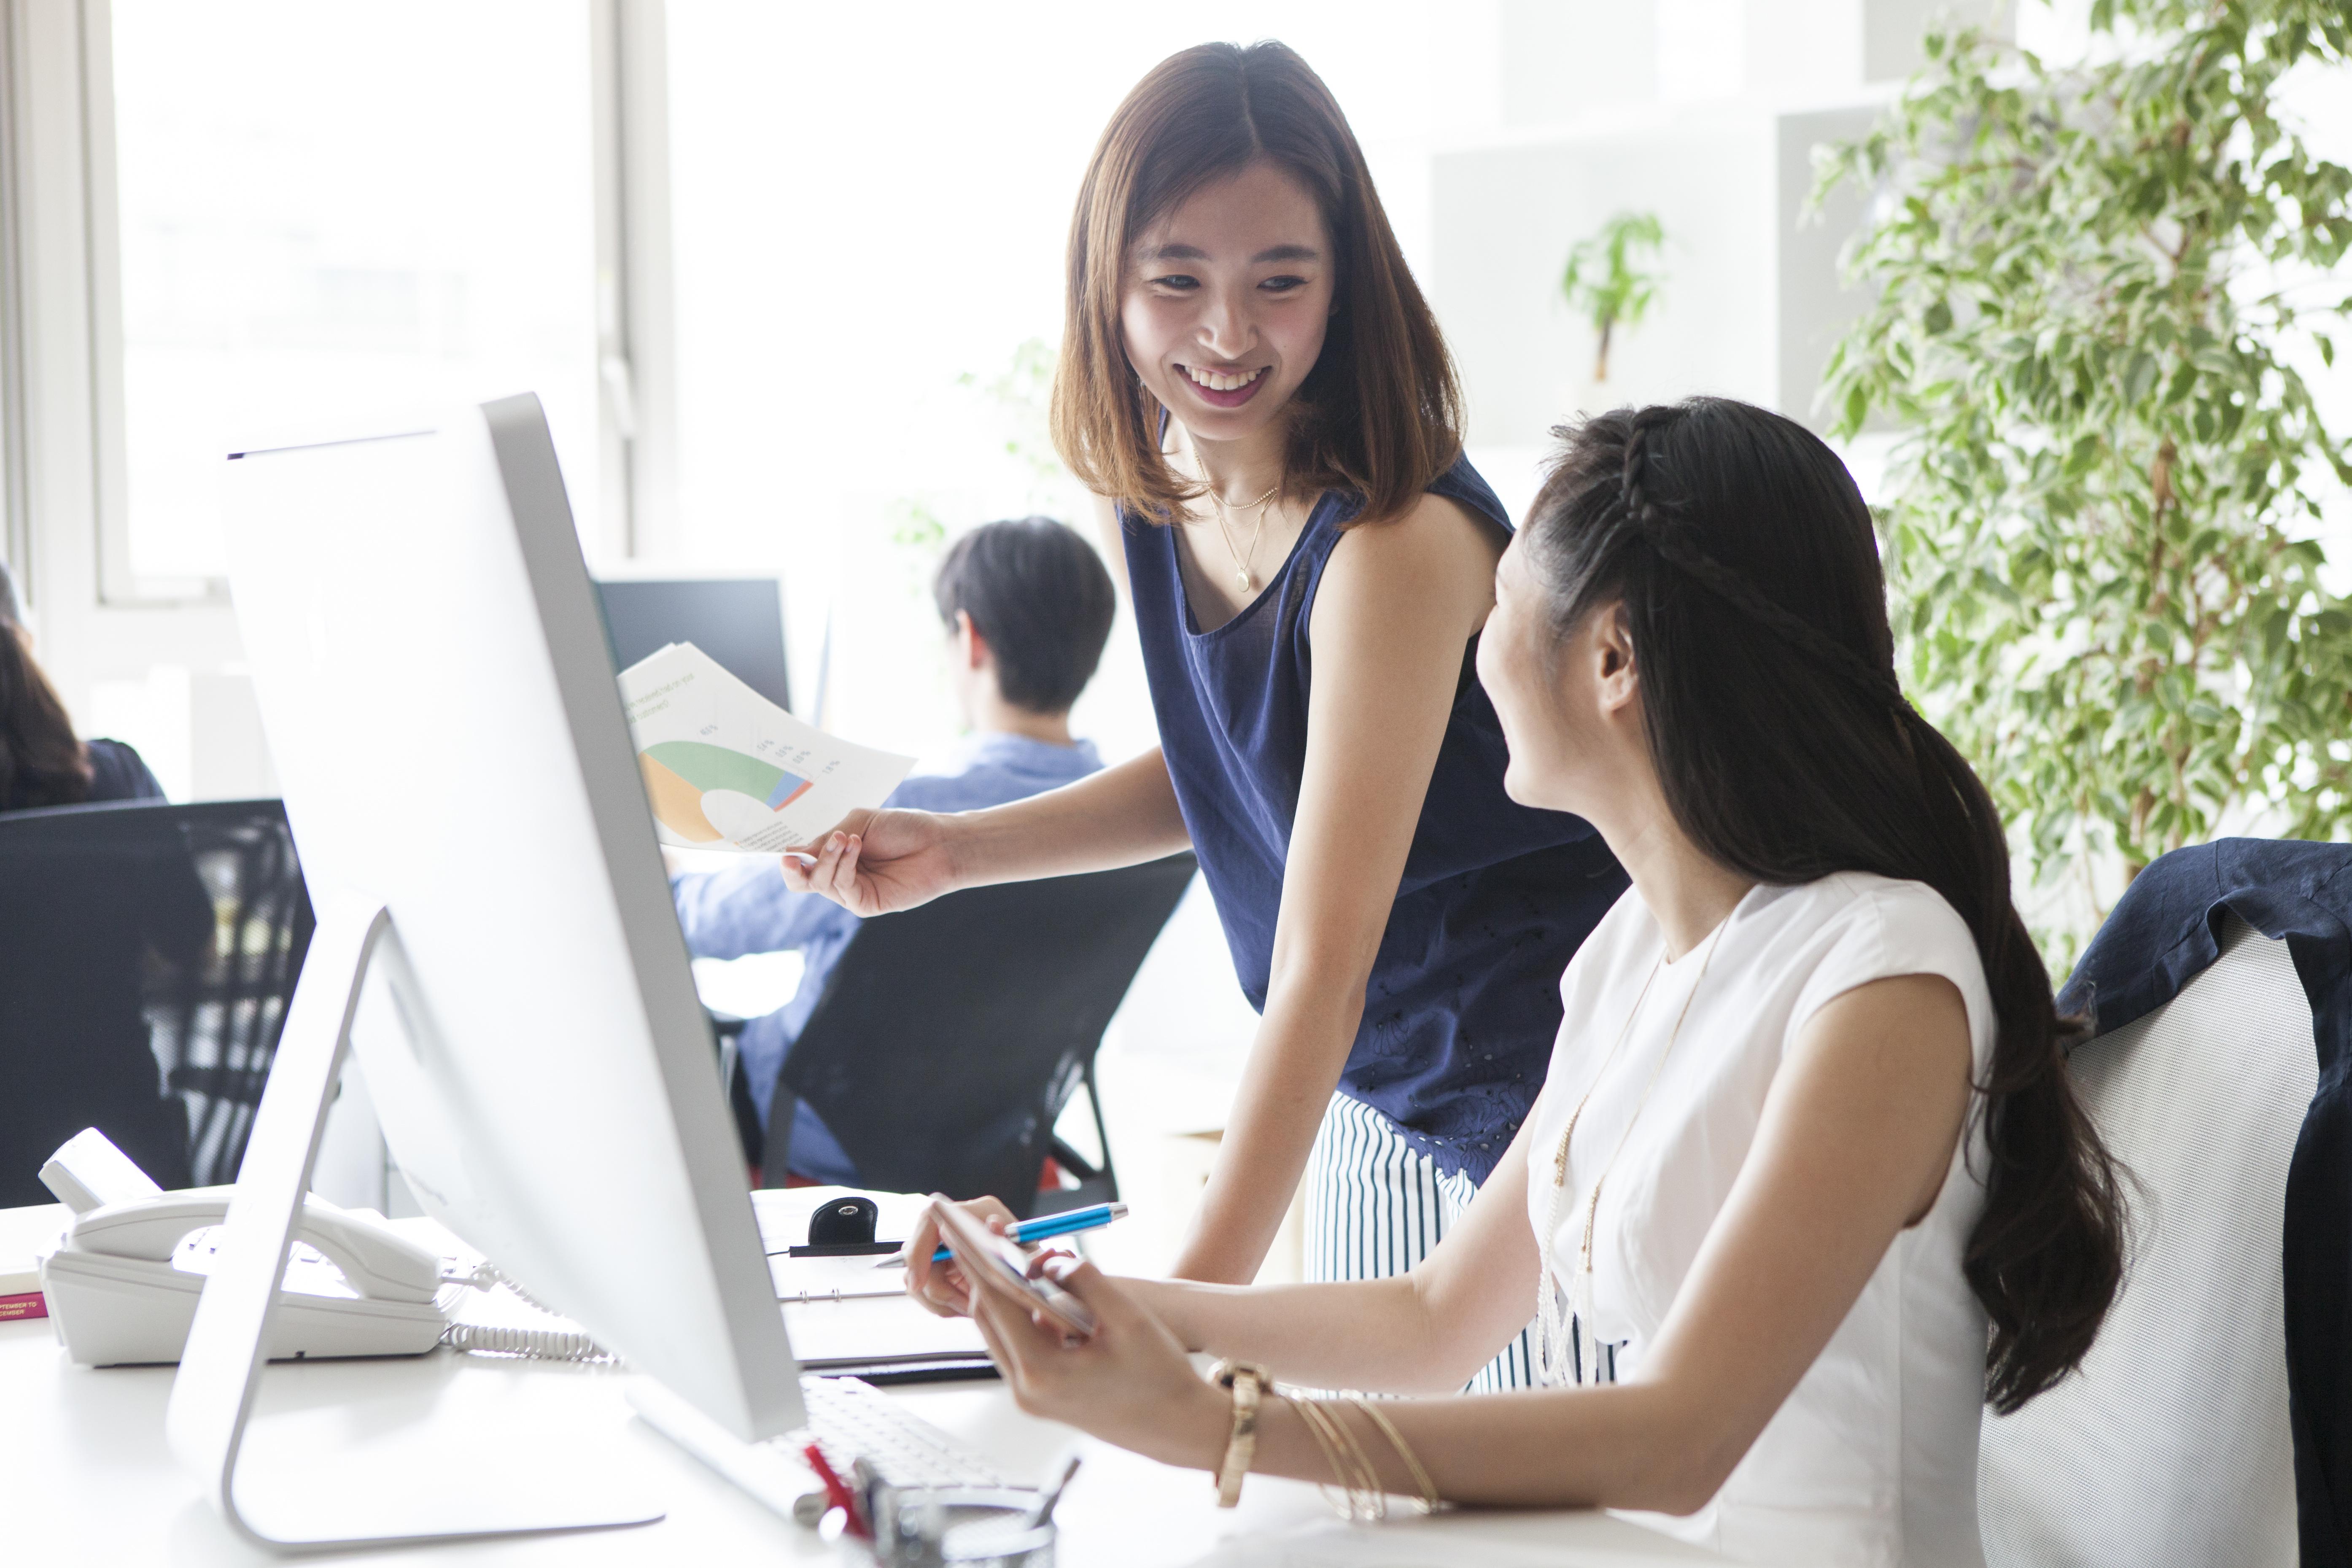 女性社員たちは楽しそうにオフィスで働いている